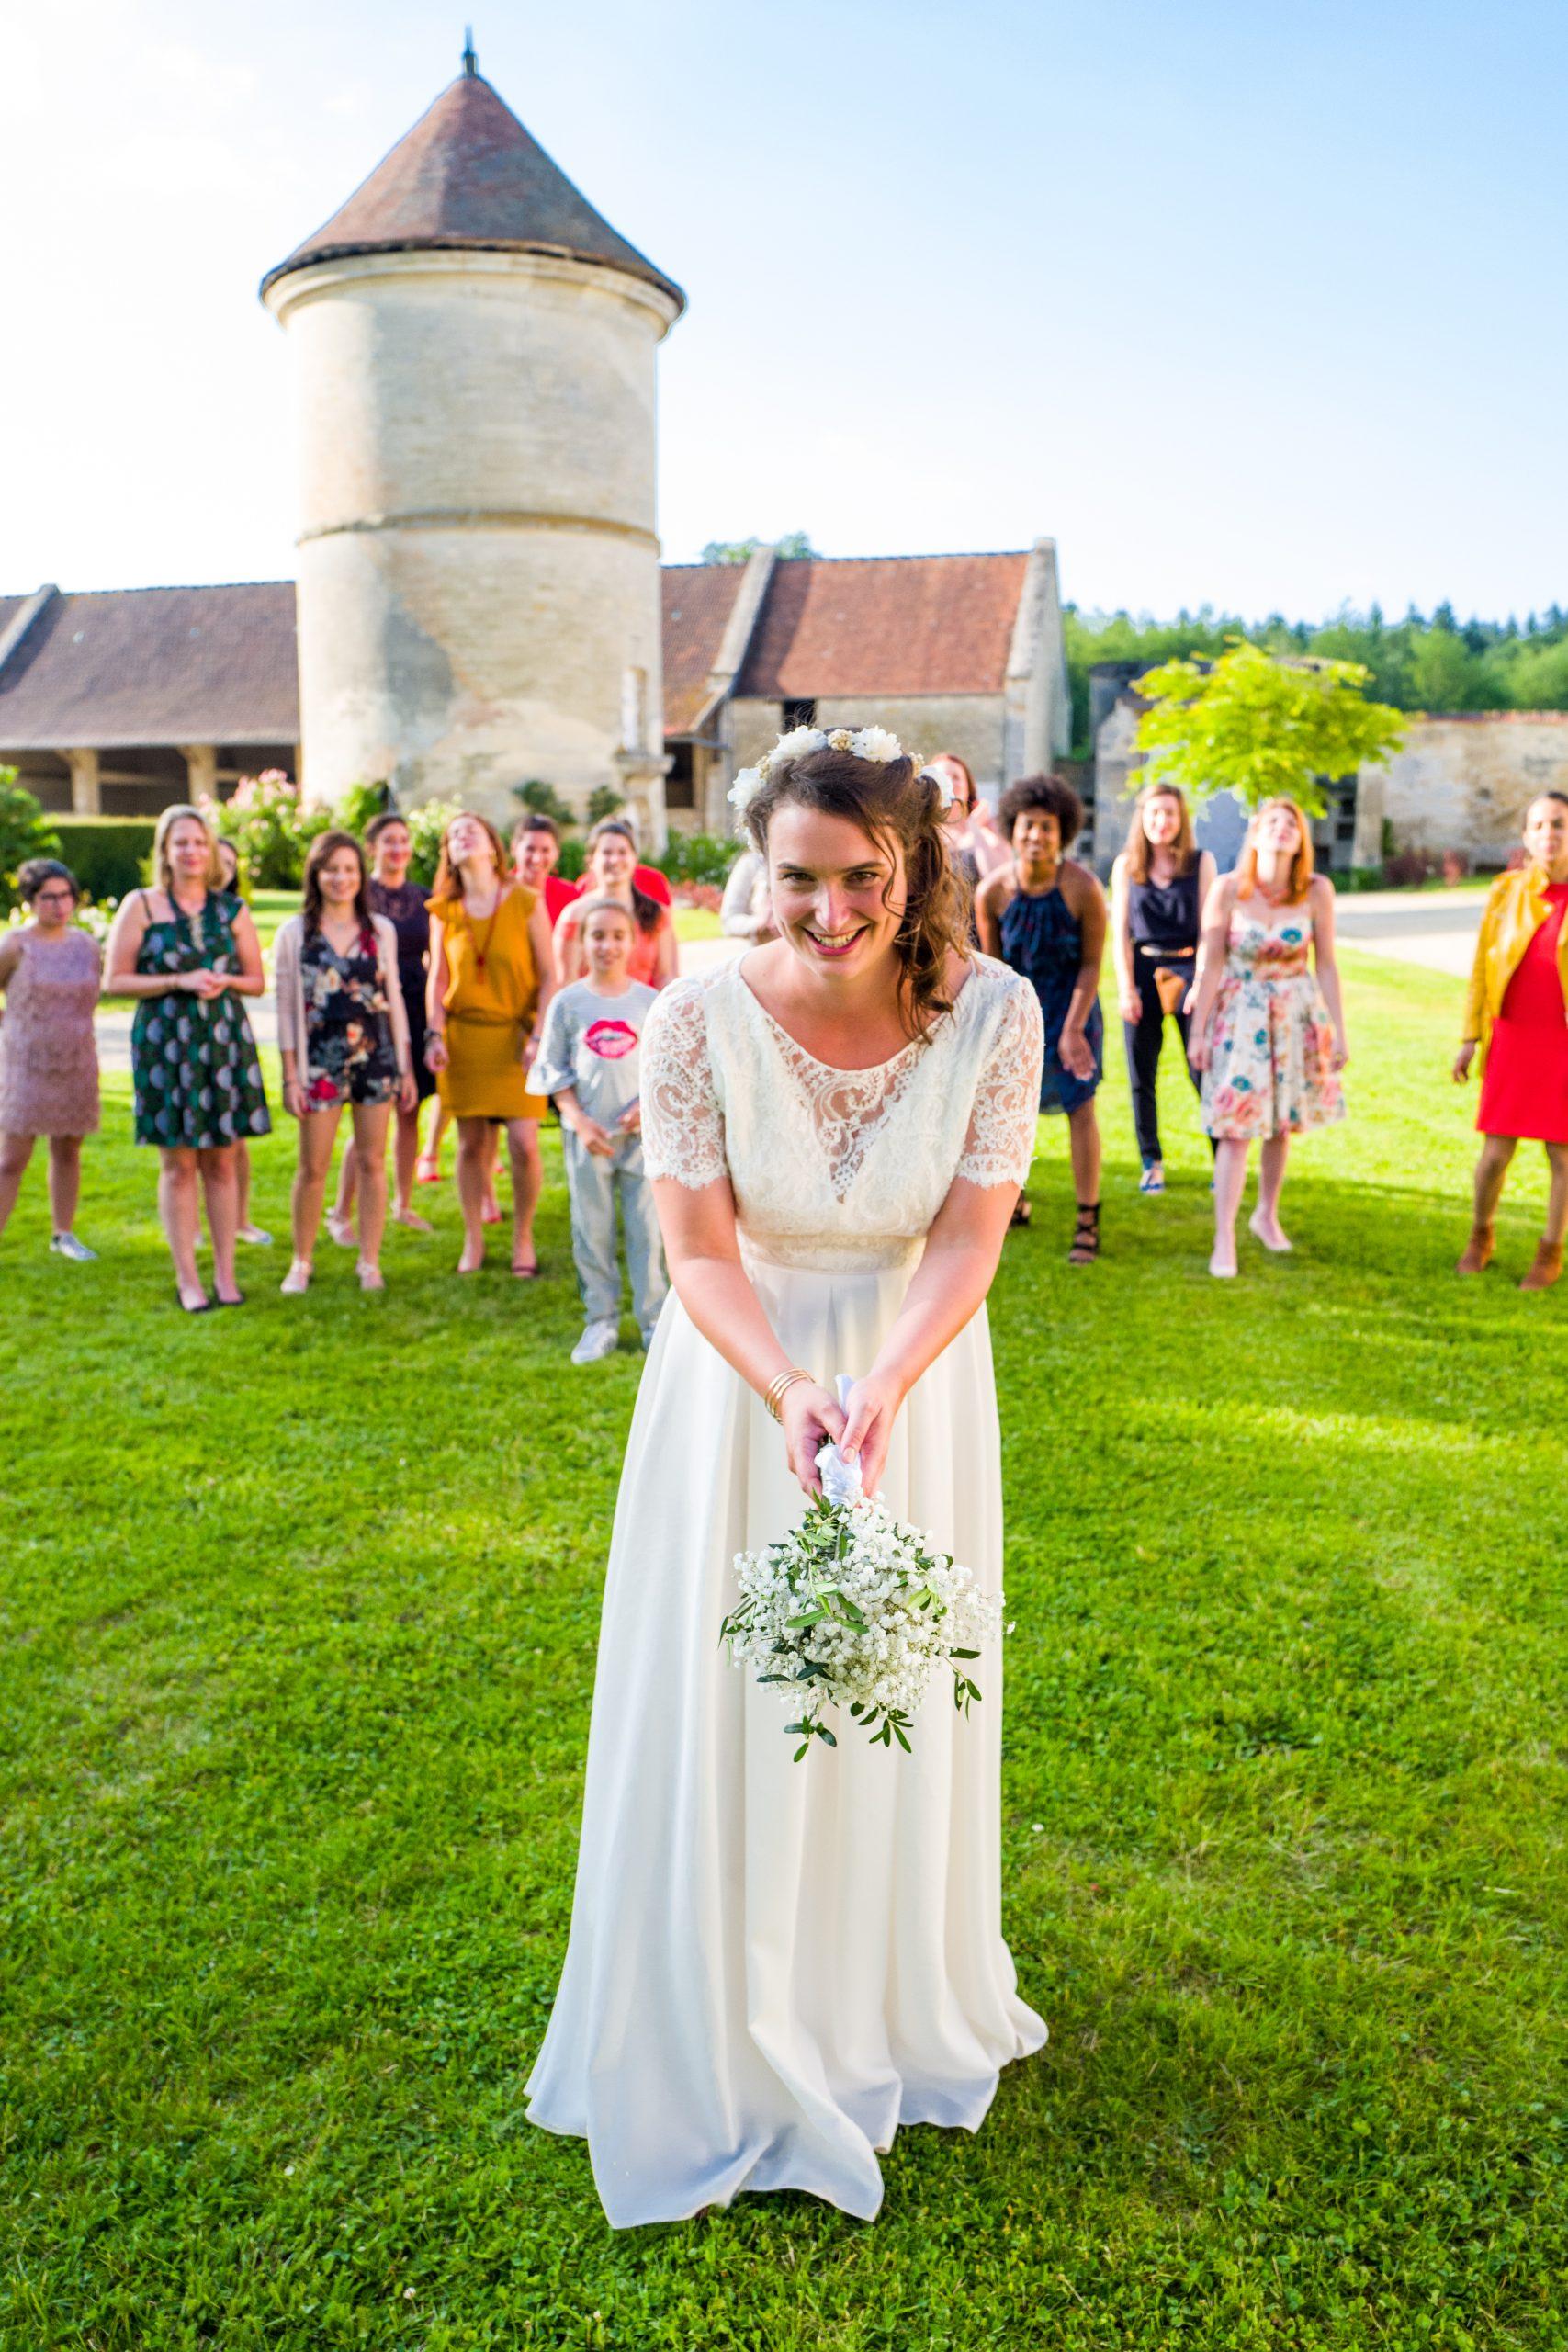 Photographe mariage - Paris - Montpellier - Nice - Mariage Hérault - Bouquet de la mariée